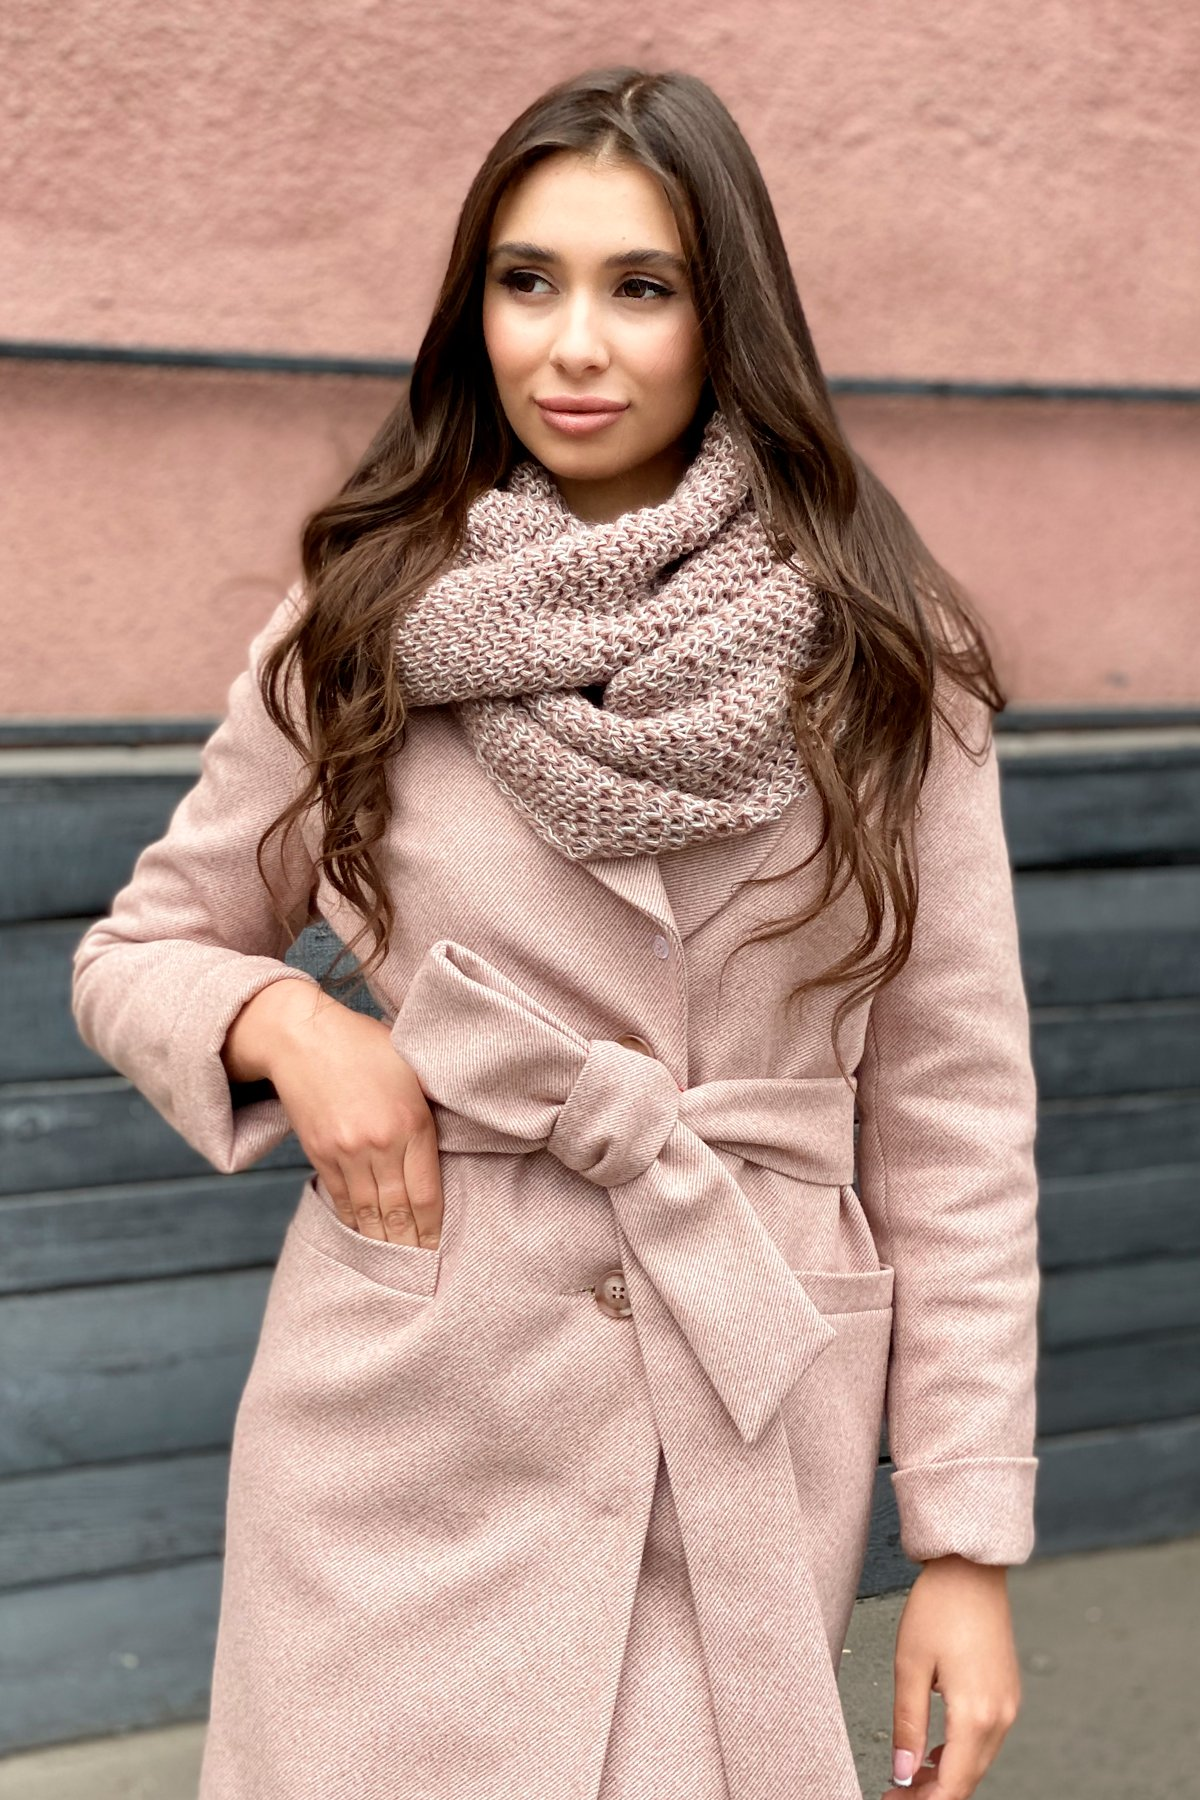 Зимнее утепленное пальто диагональ Вива 8243 АРТ. 44280 Цвет: Бежевый - фото 3, интернет магазин tm-modus.ru